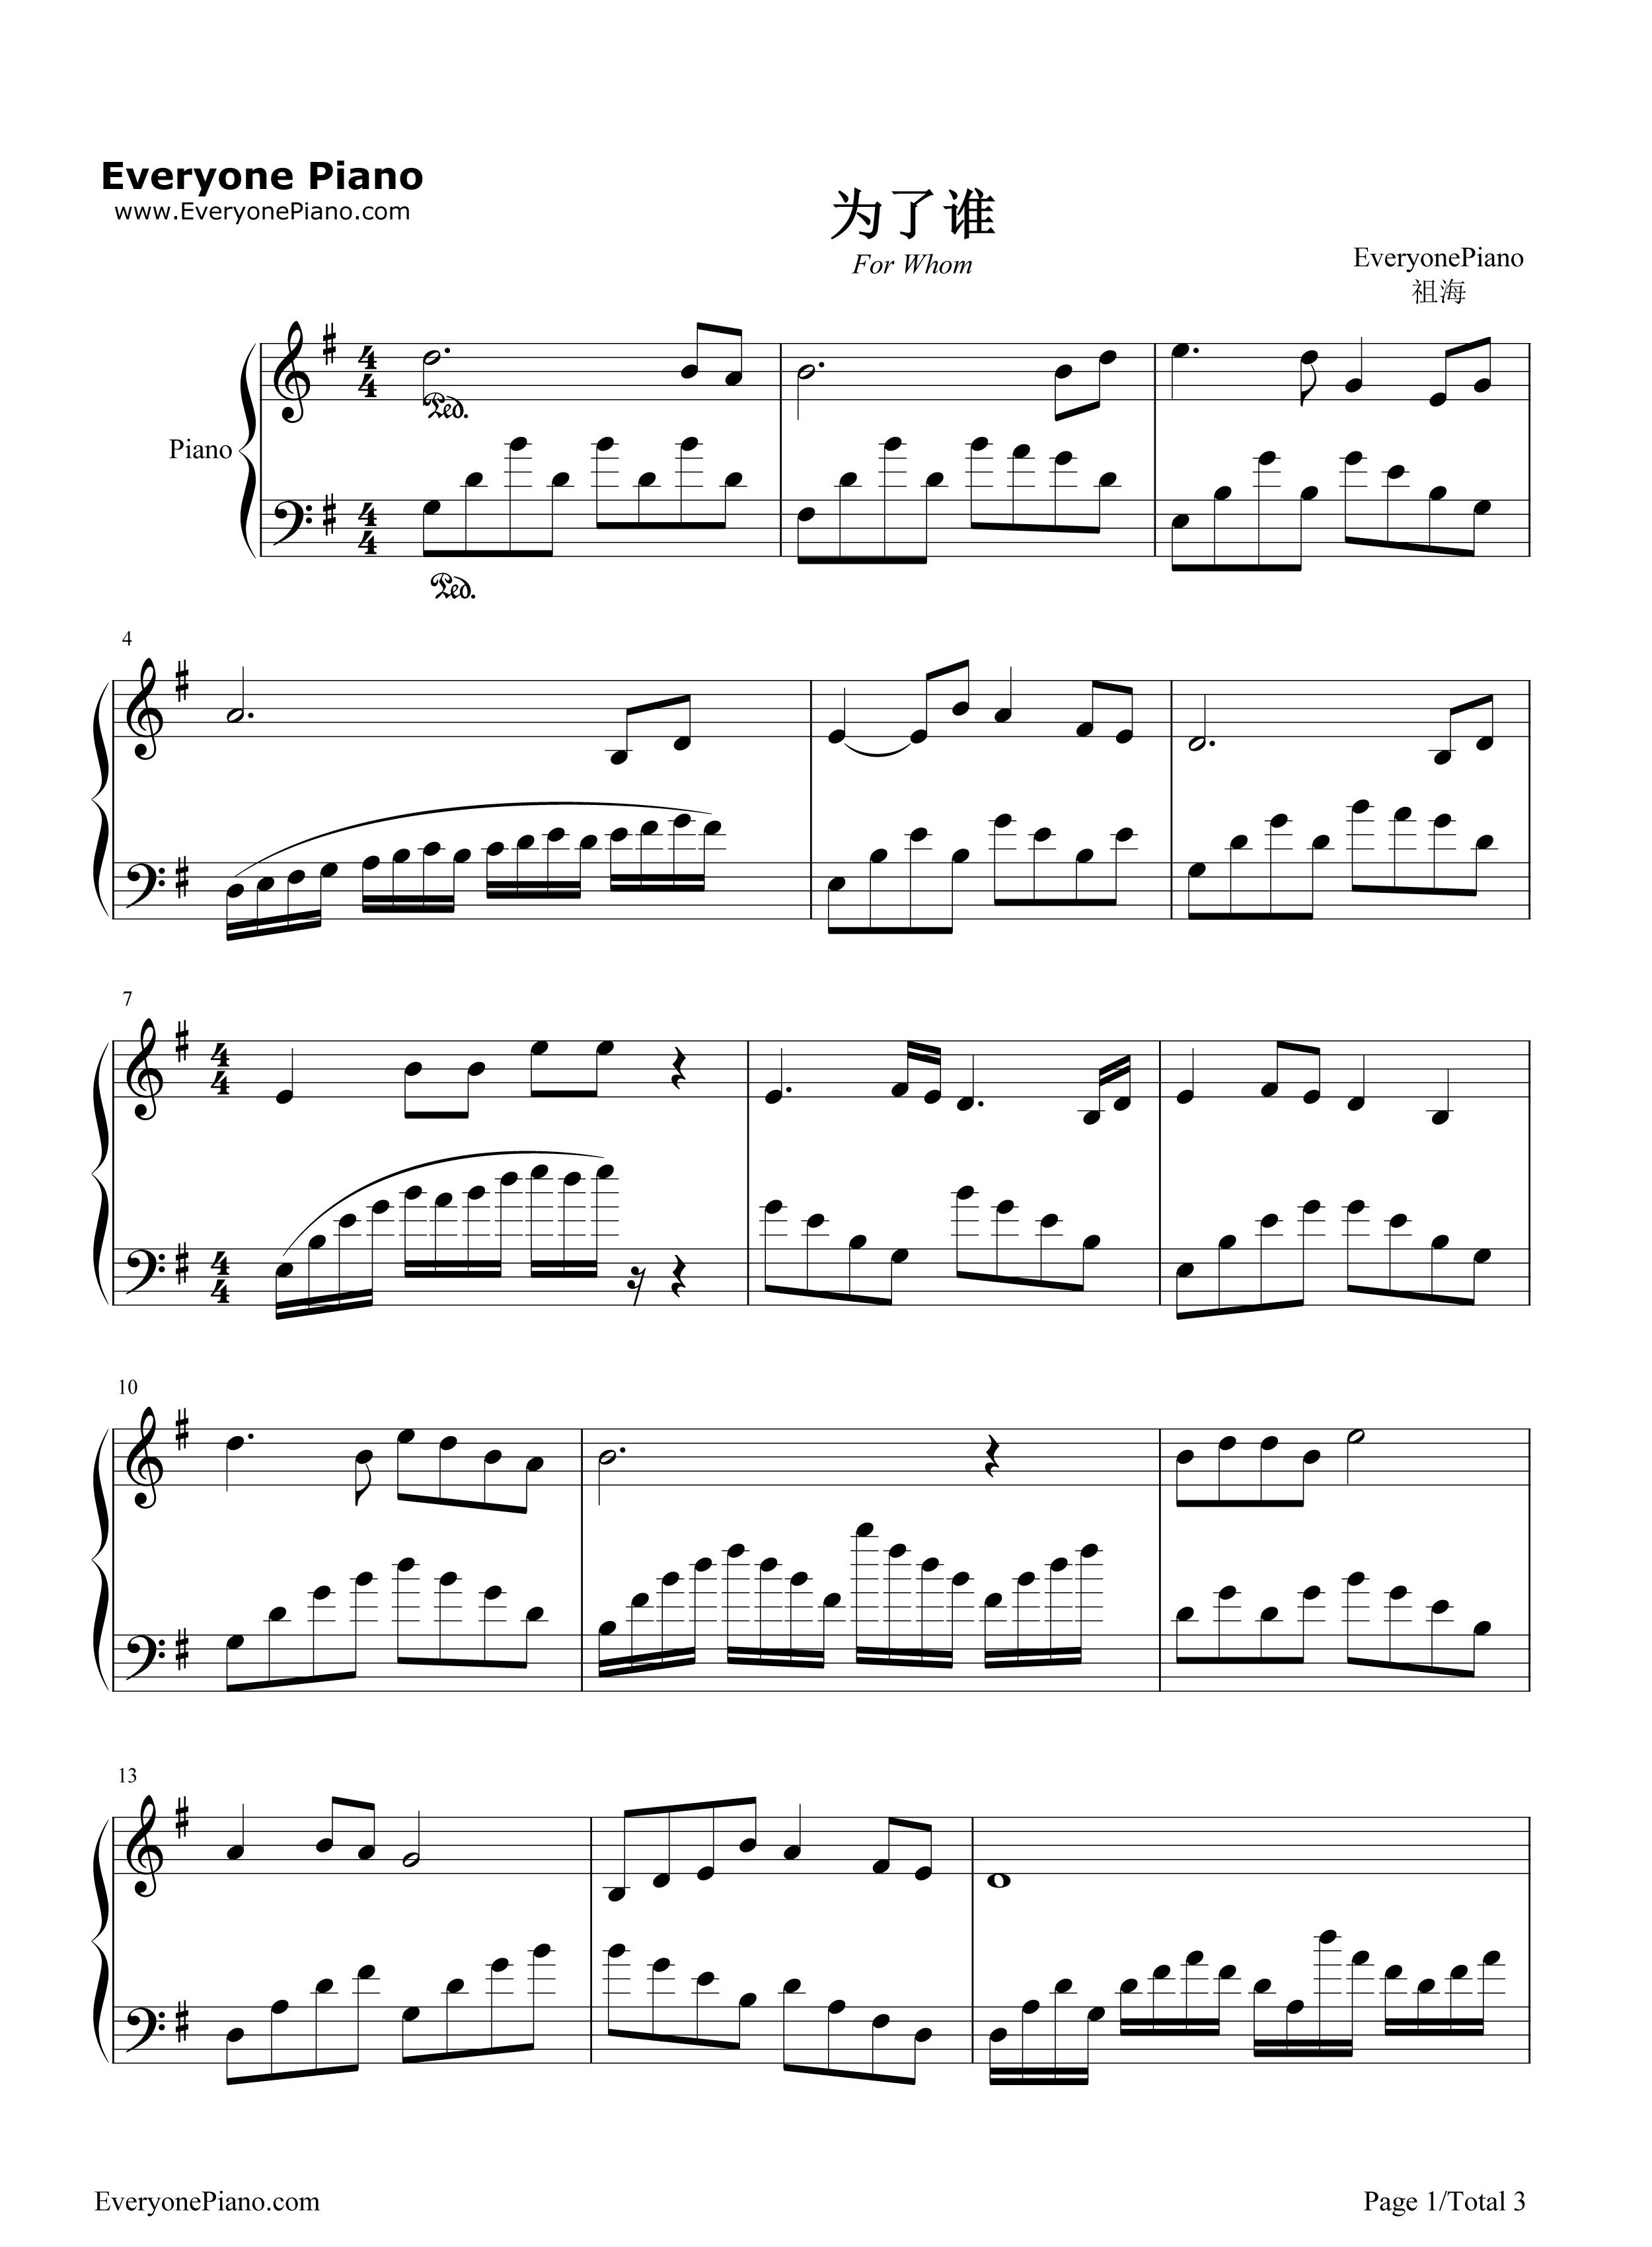 钢琴曲谱 流行 为了谁-祖海 为了谁-祖海五线谱预览1  }  仅供学习